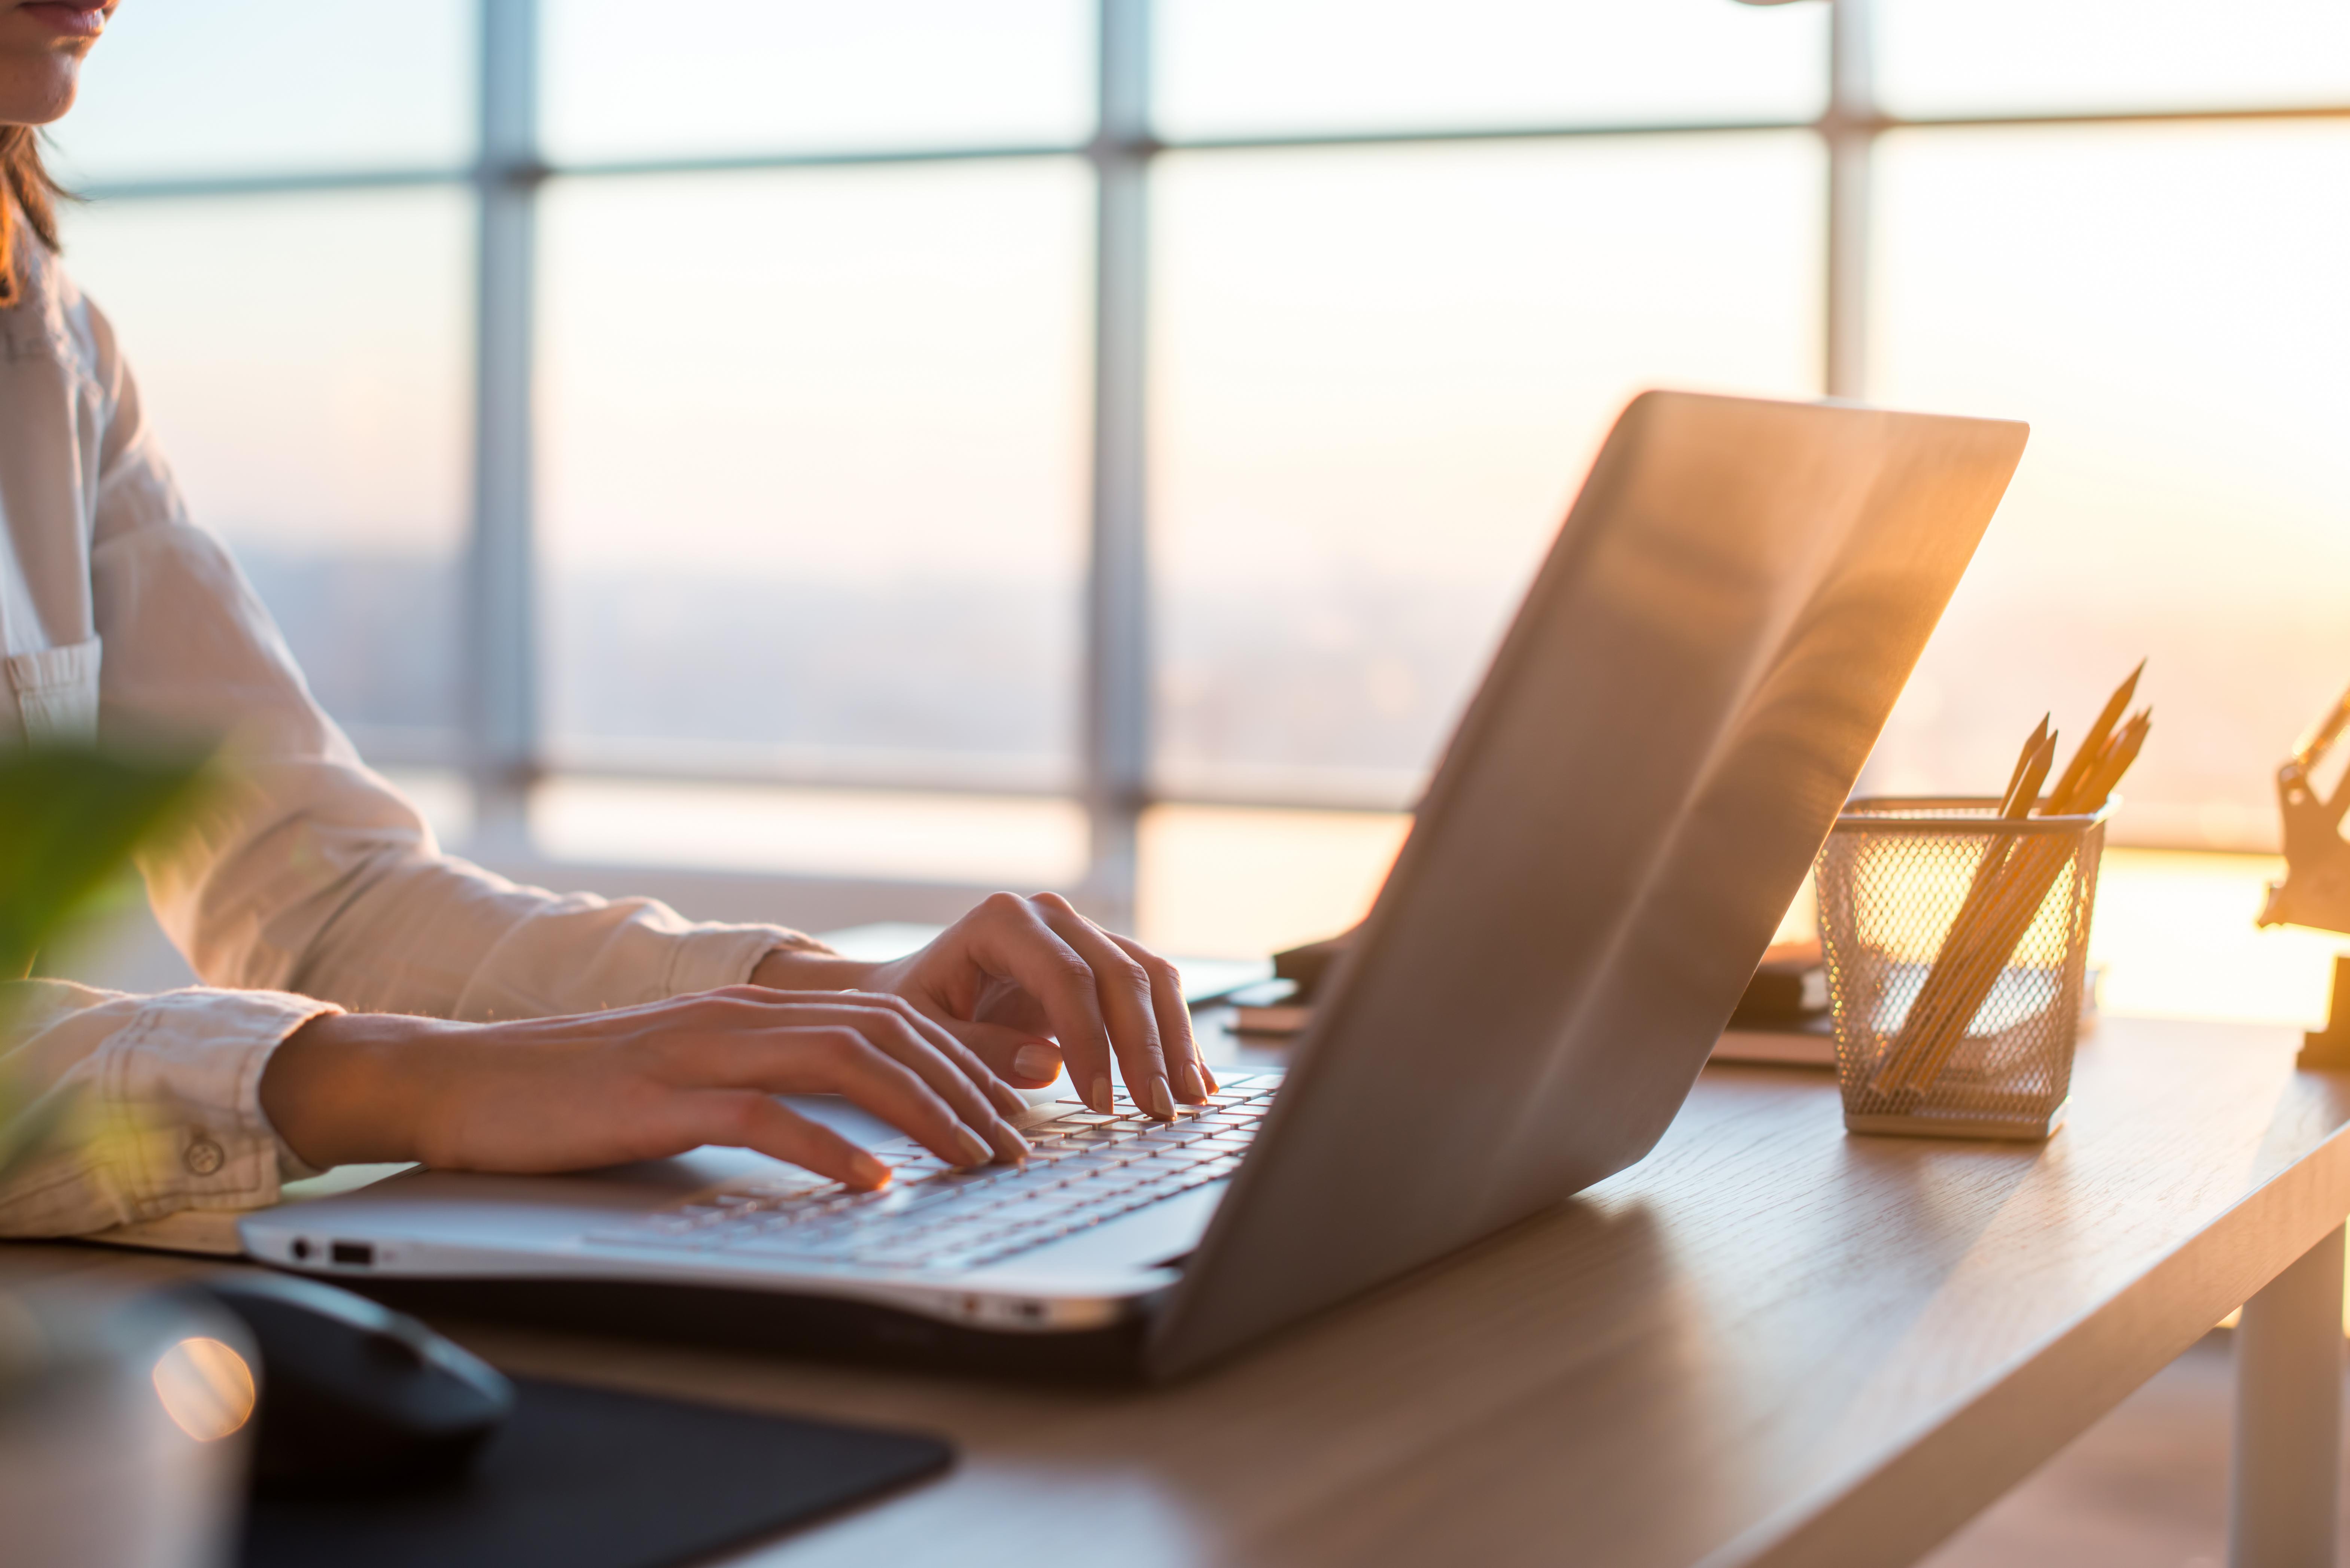 Comment Retrouver Du Travail Apres Une Longue Periode D Inactivite Madame Figaro